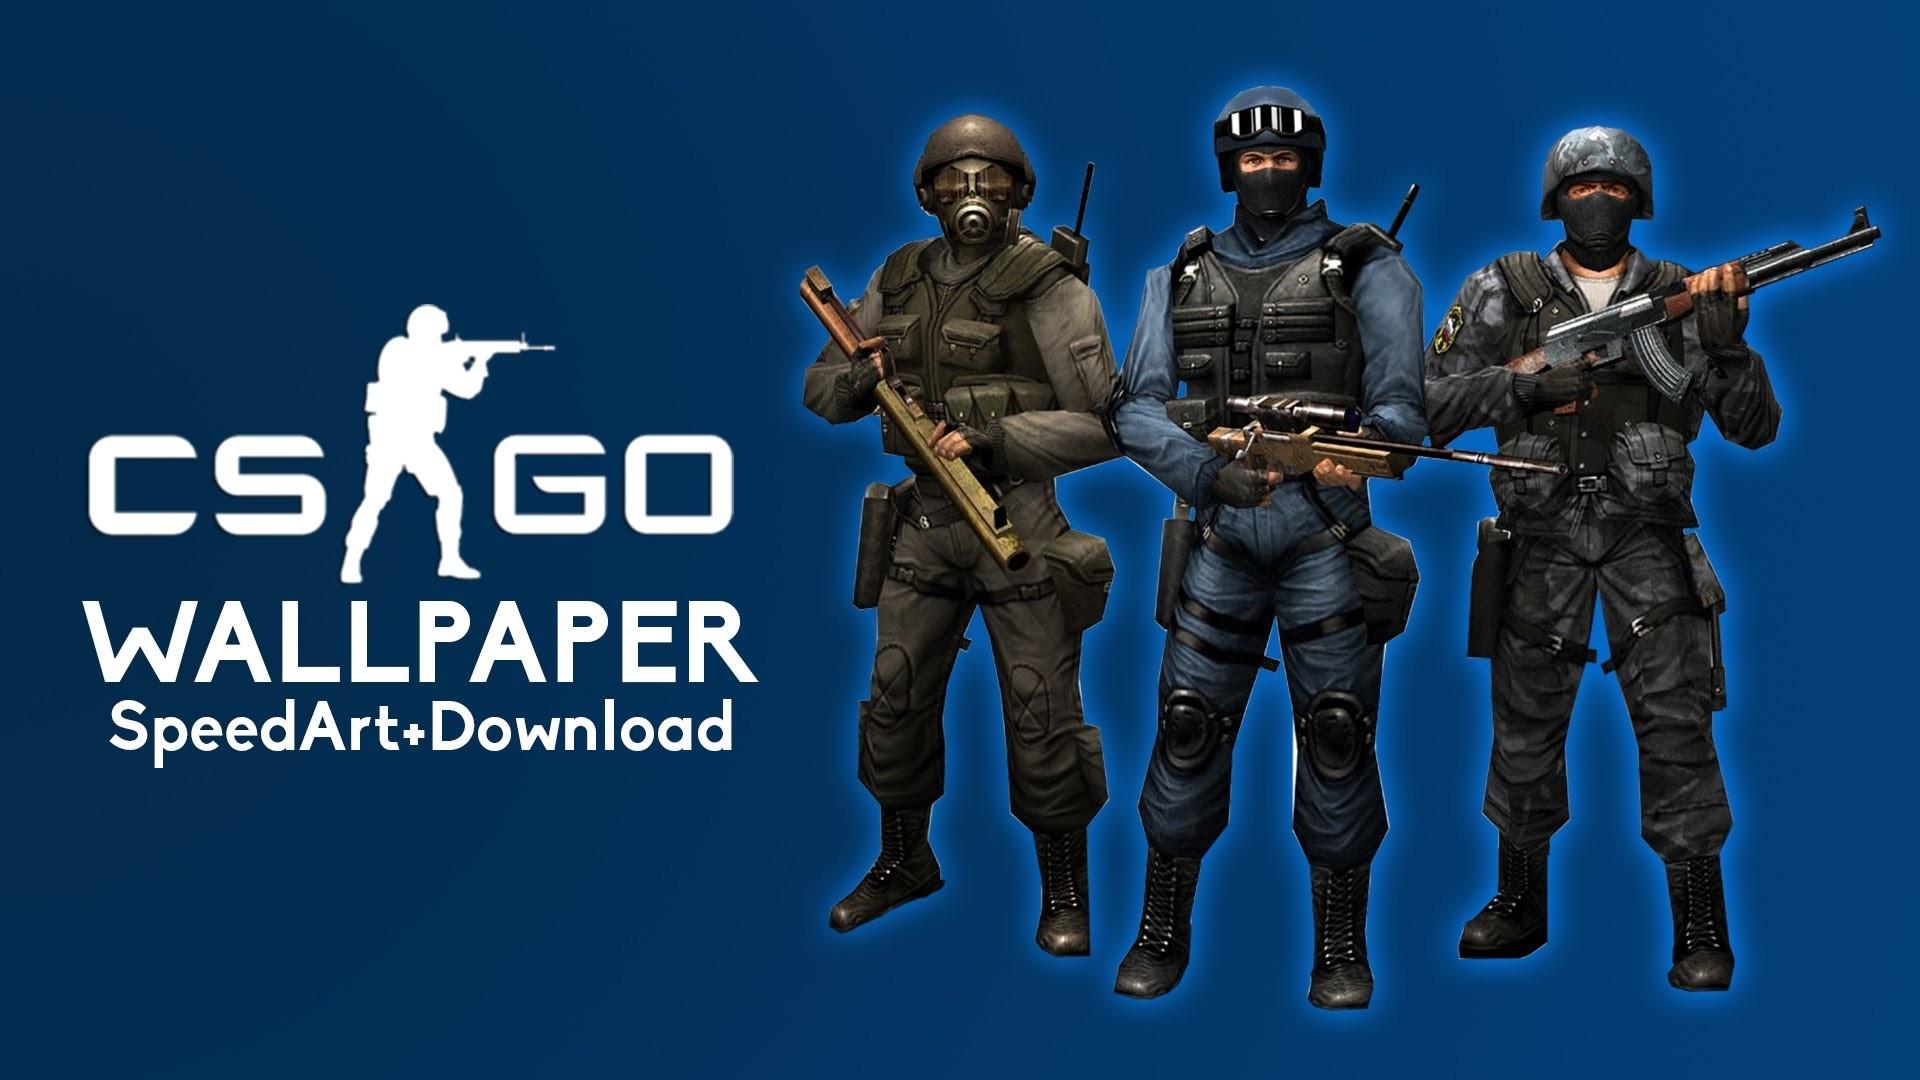 CS:GO (Counter Strike: Global Offensive) Wallpaper (SpeedArt+Download)